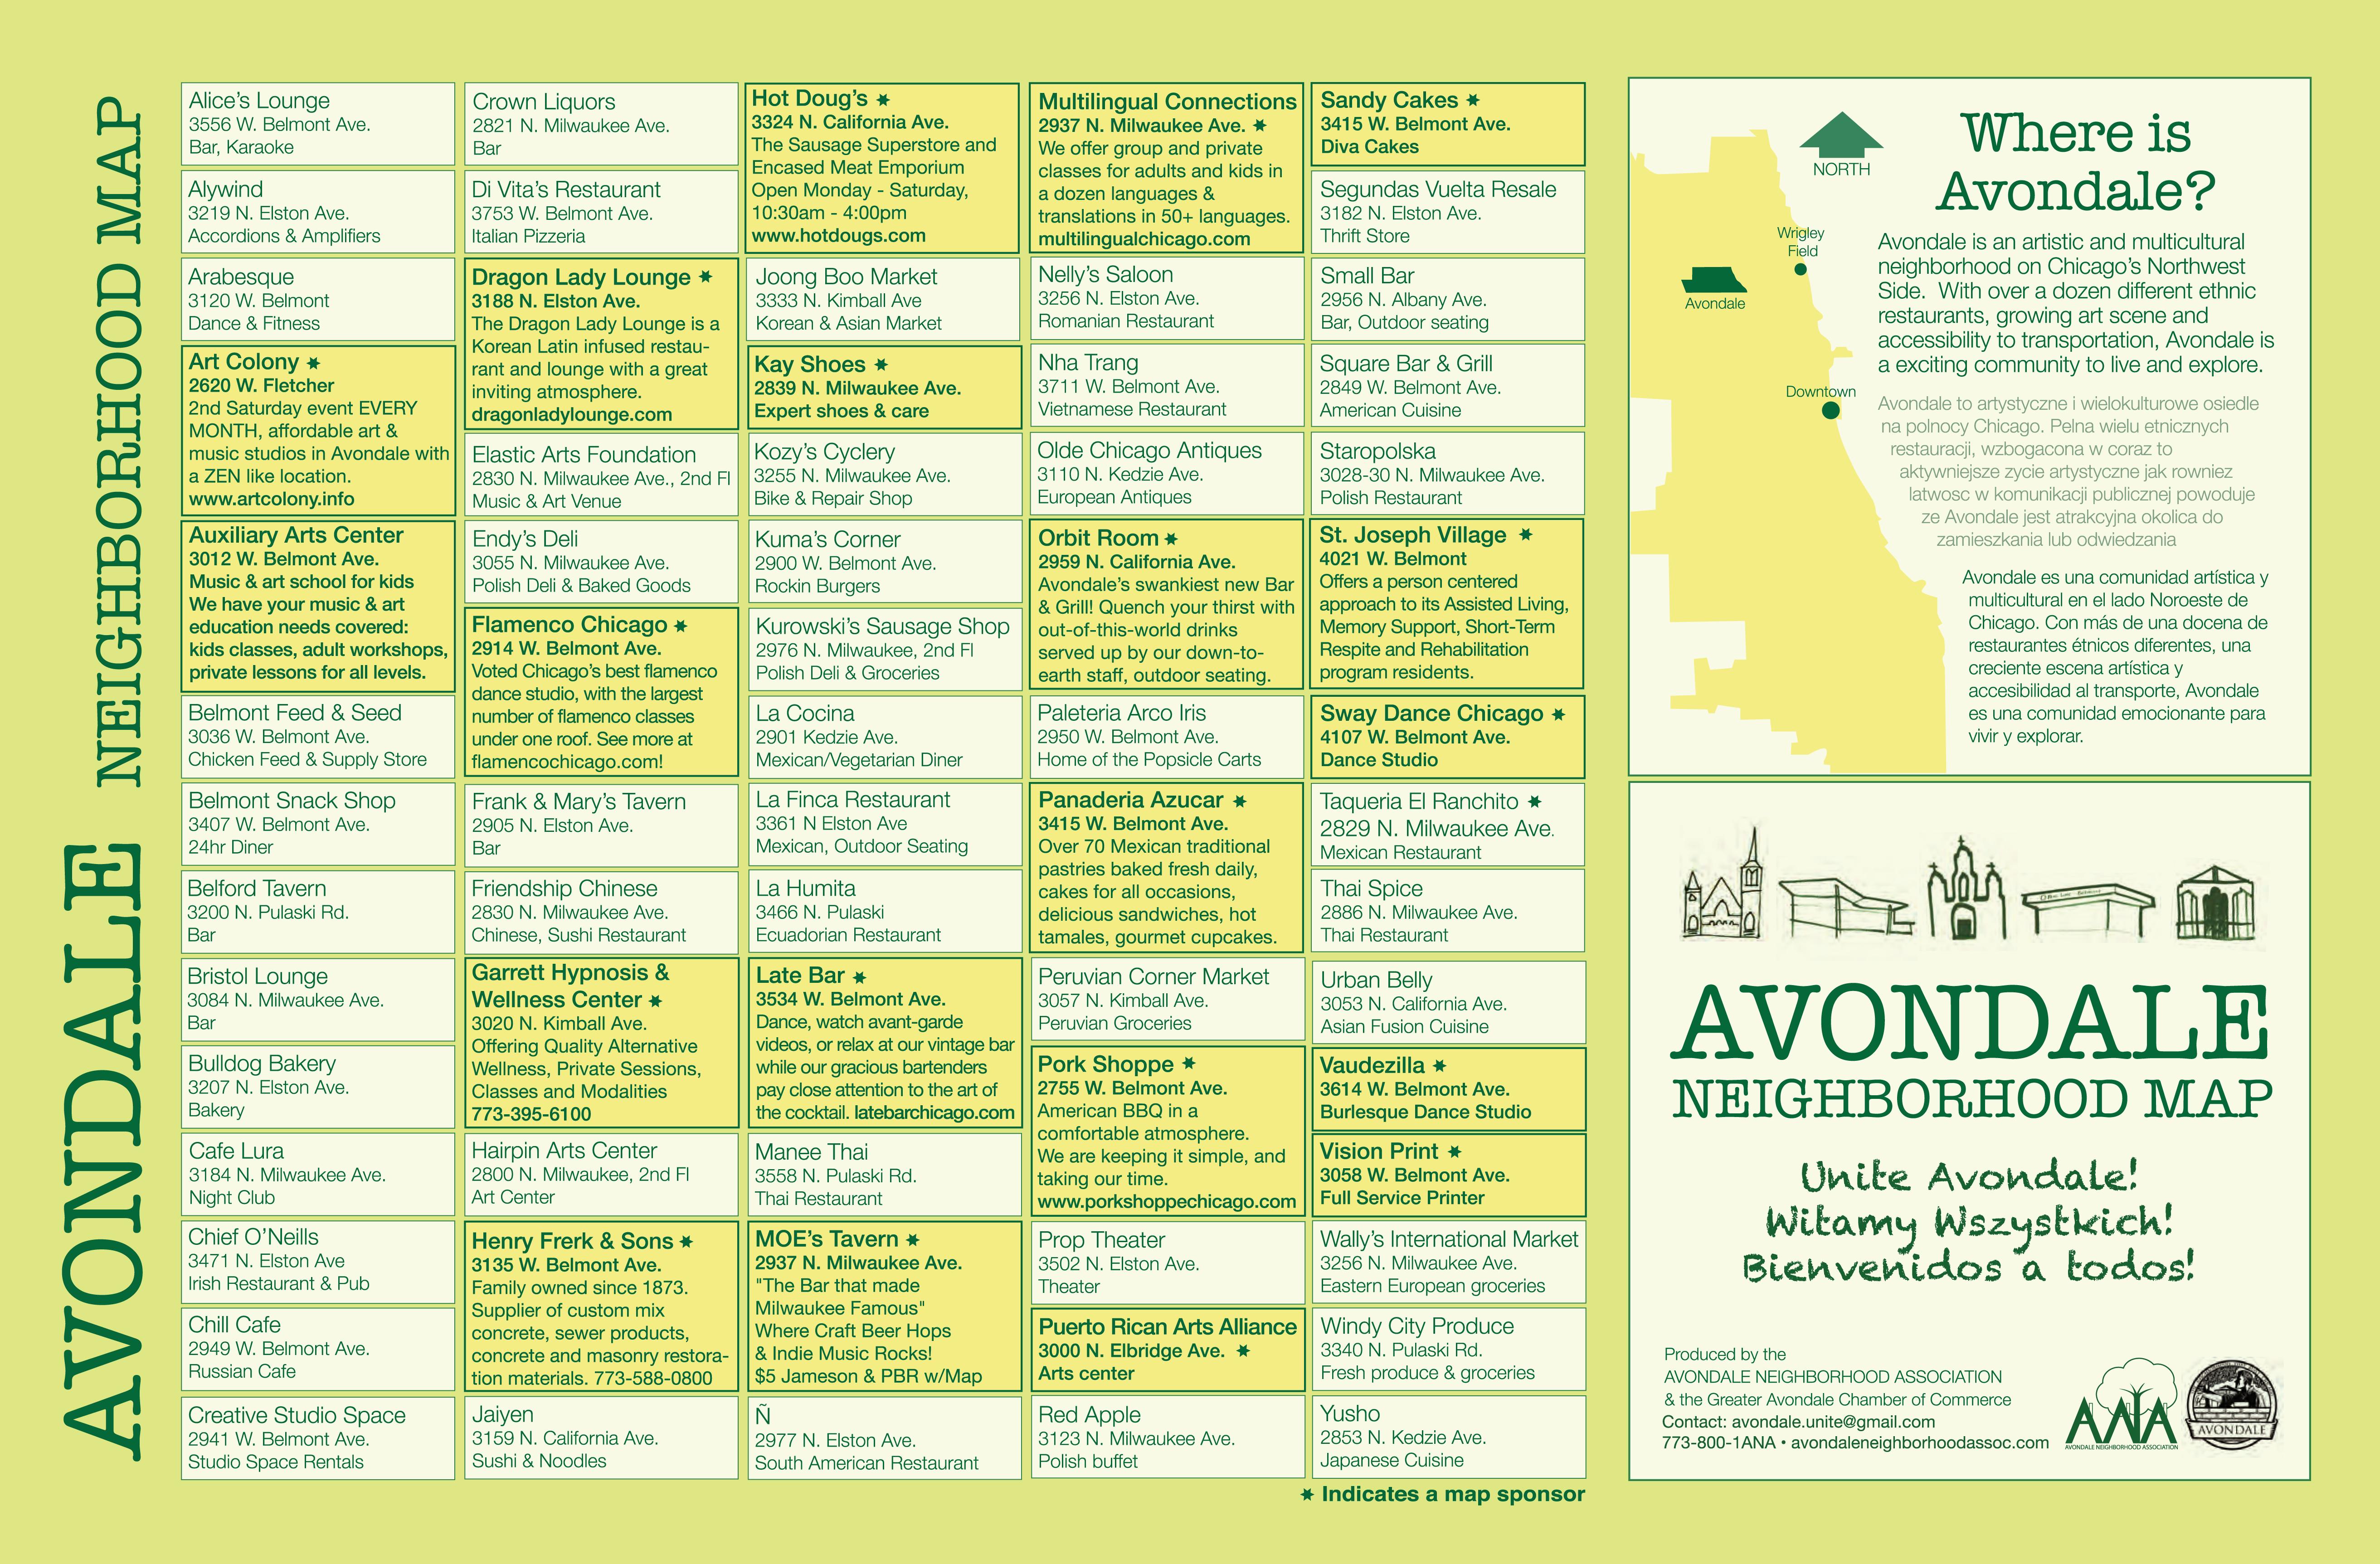 Neighborhood Map Avondale Neighborhood Association - Chicago neighborhood map art